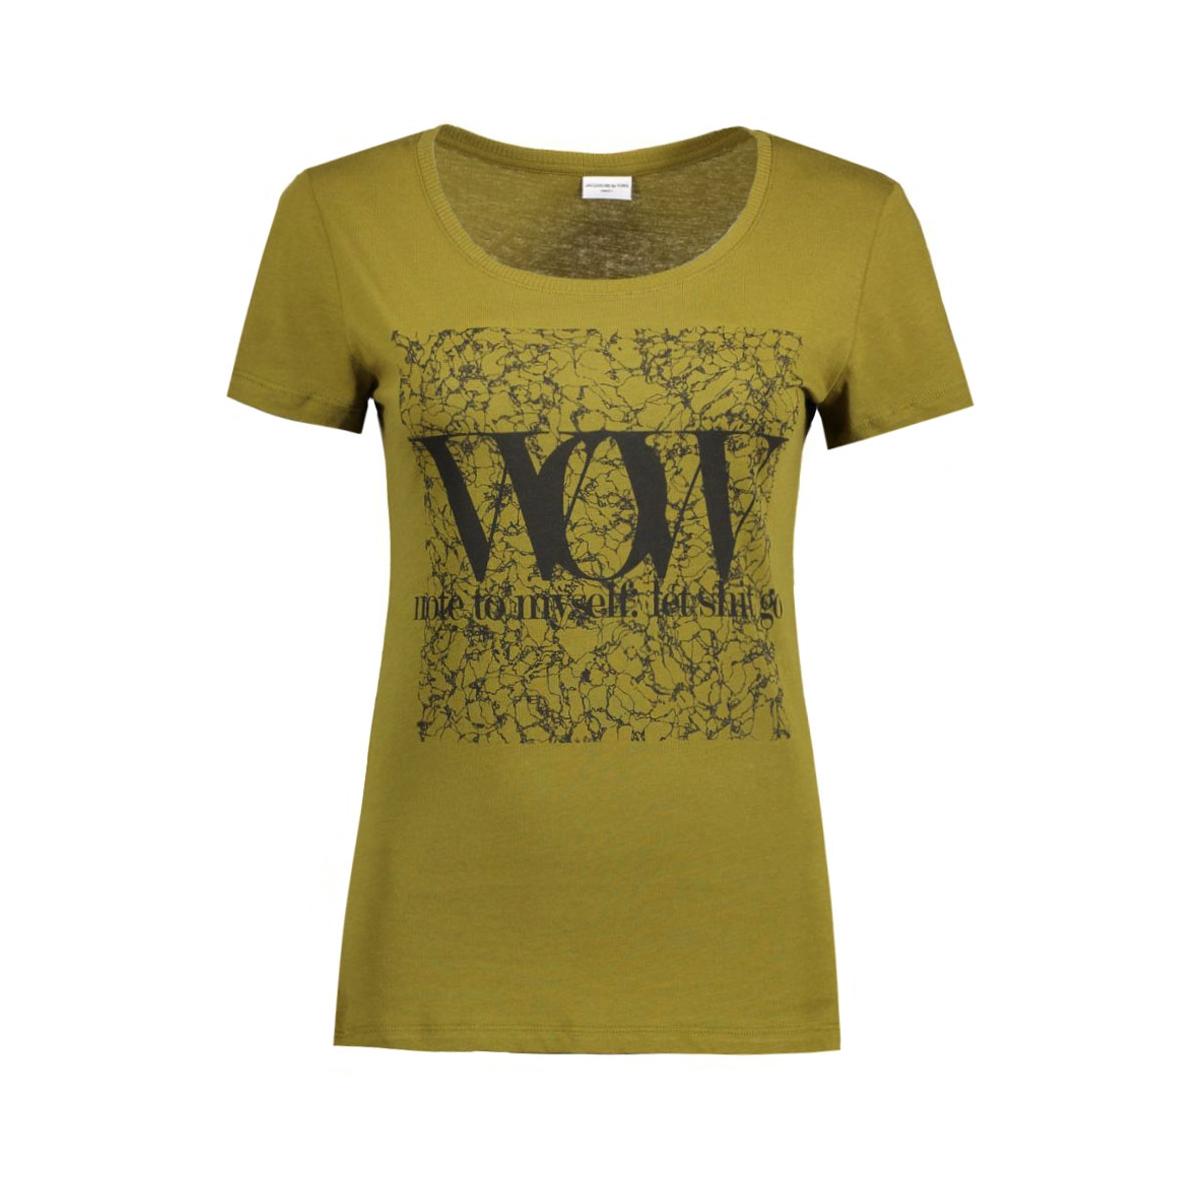 jdygin s/s print top jrs 09 15122948 jacqueline de yong t-shirt fir green/black wow